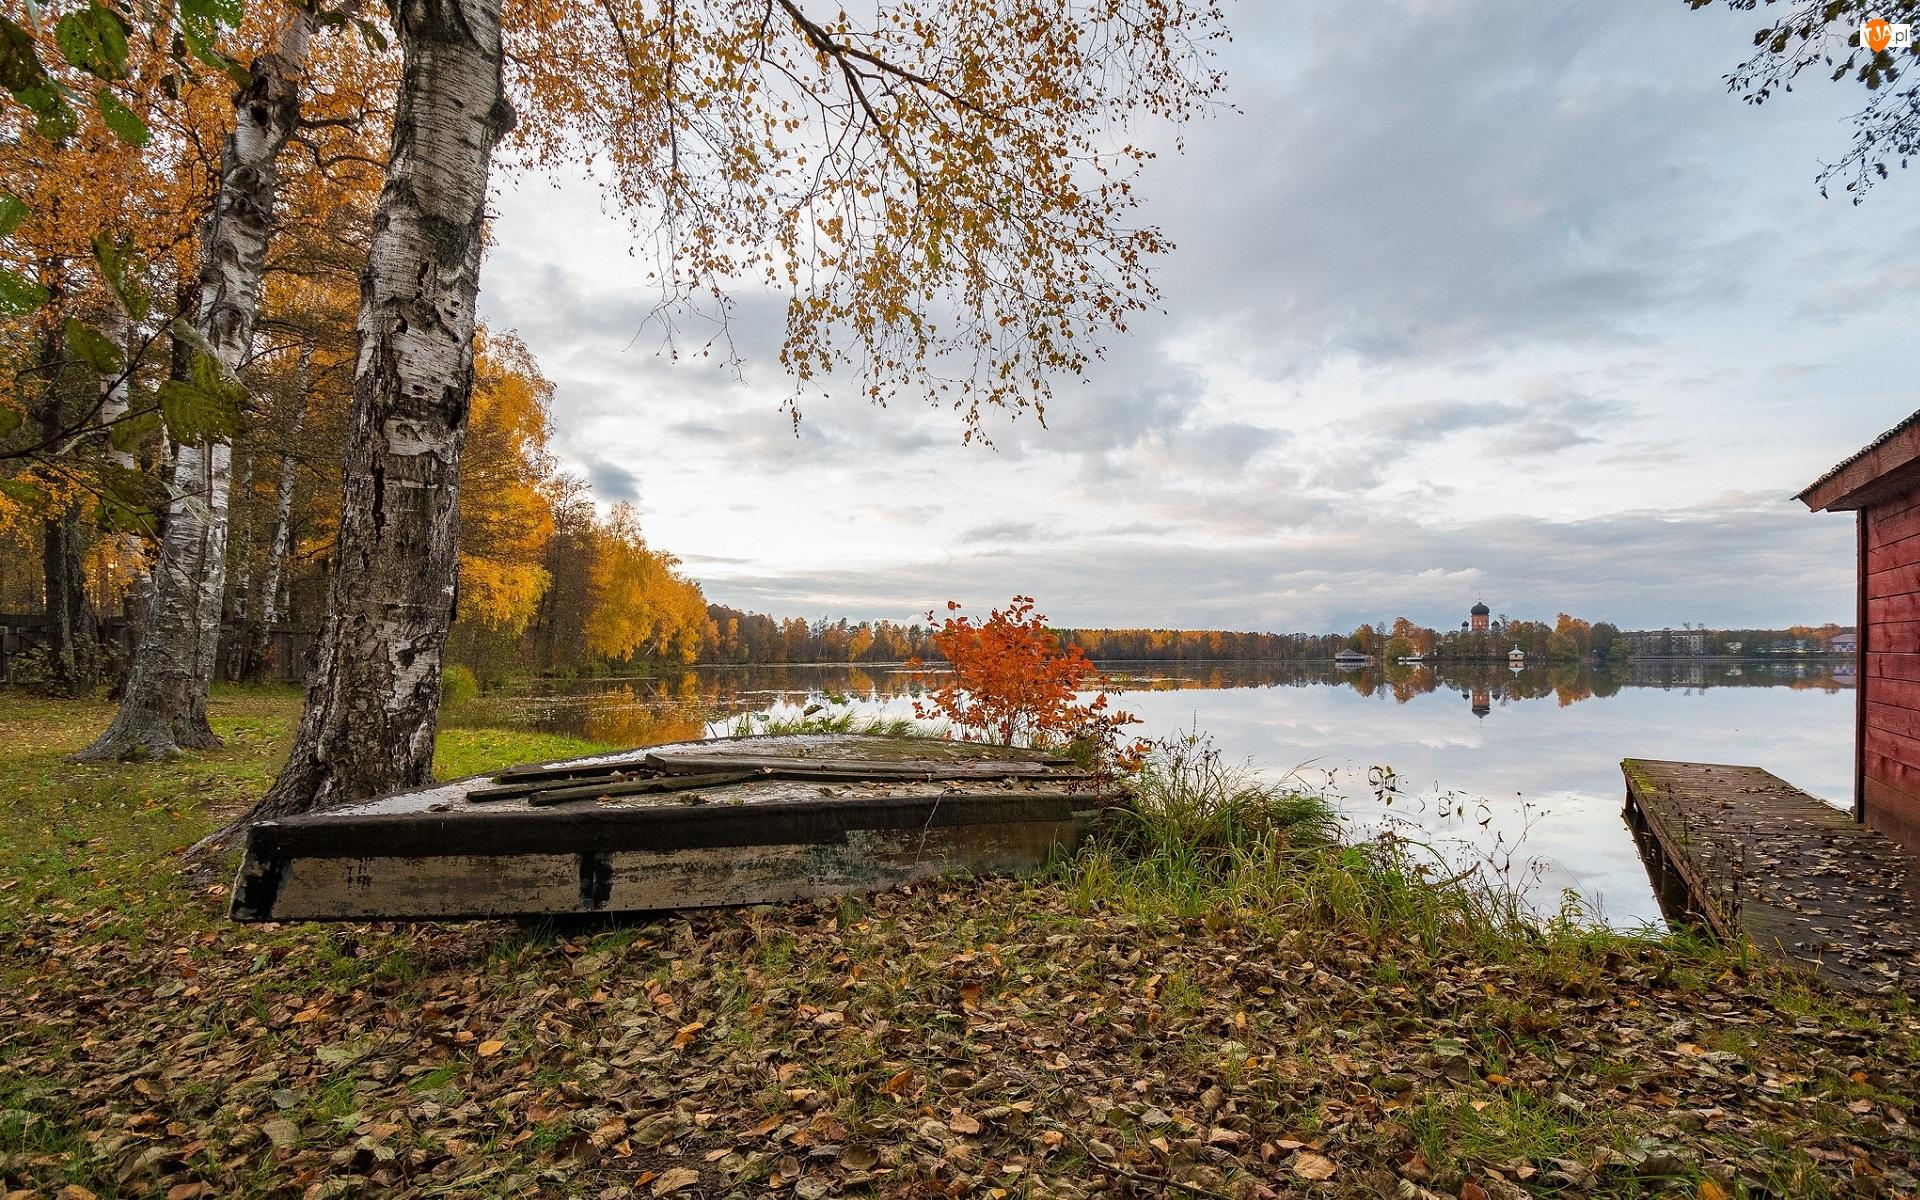 Jezioro, Jesień, Las, Brzozy, Łódka, Drzewa